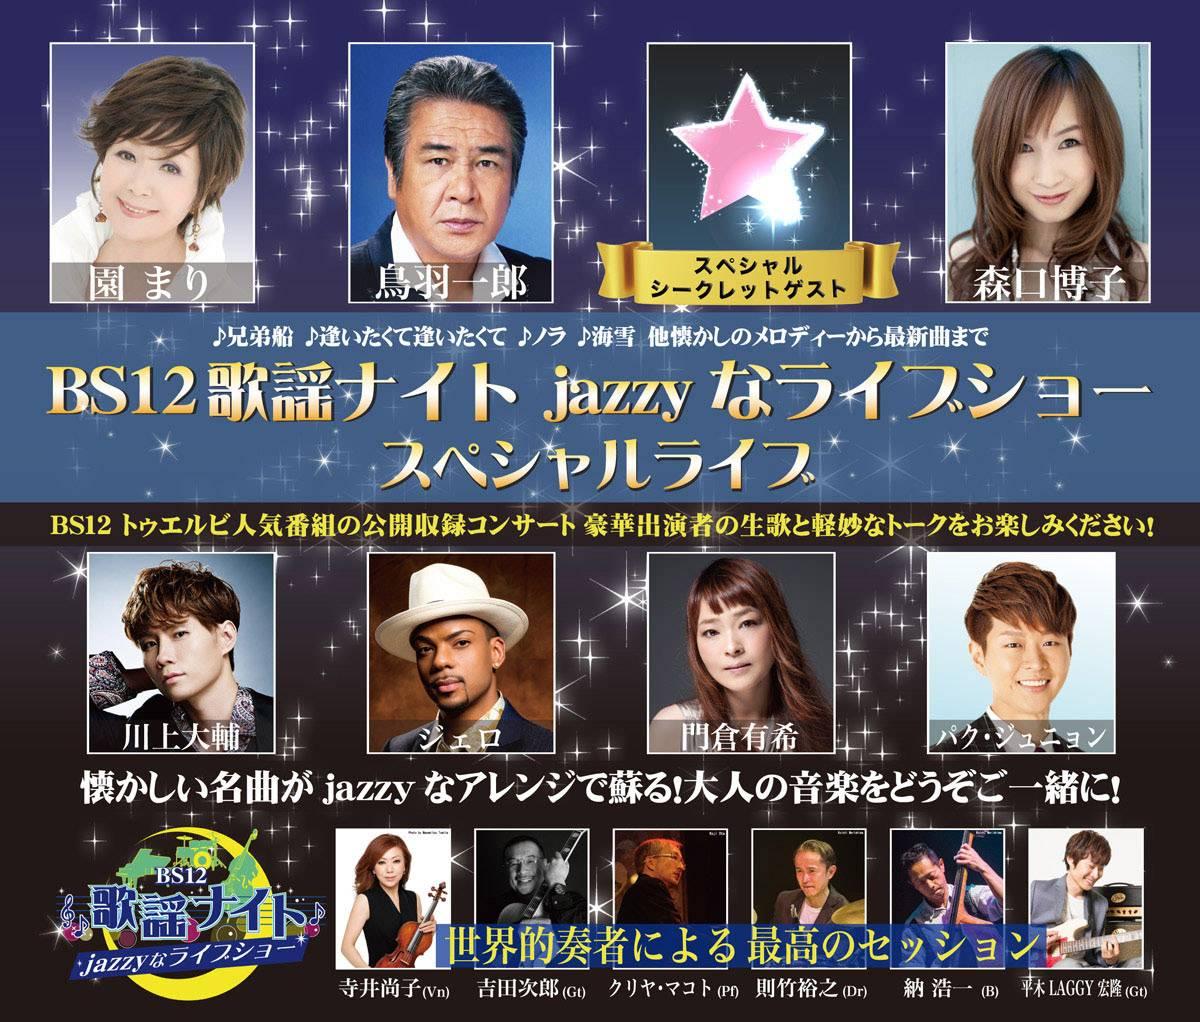 「BS12歌謡ナイト jazzyなライブショー スペシャルライブ」